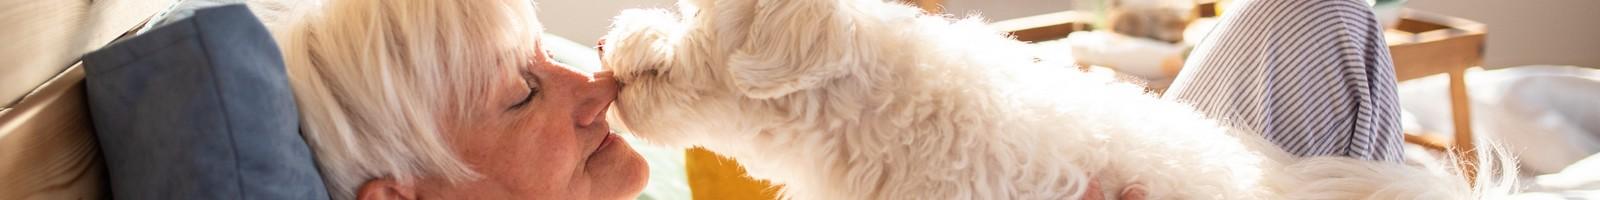 Des chiens dressés pour tenir compagnie aux personnes souffrant de maladie d'Alzheimer